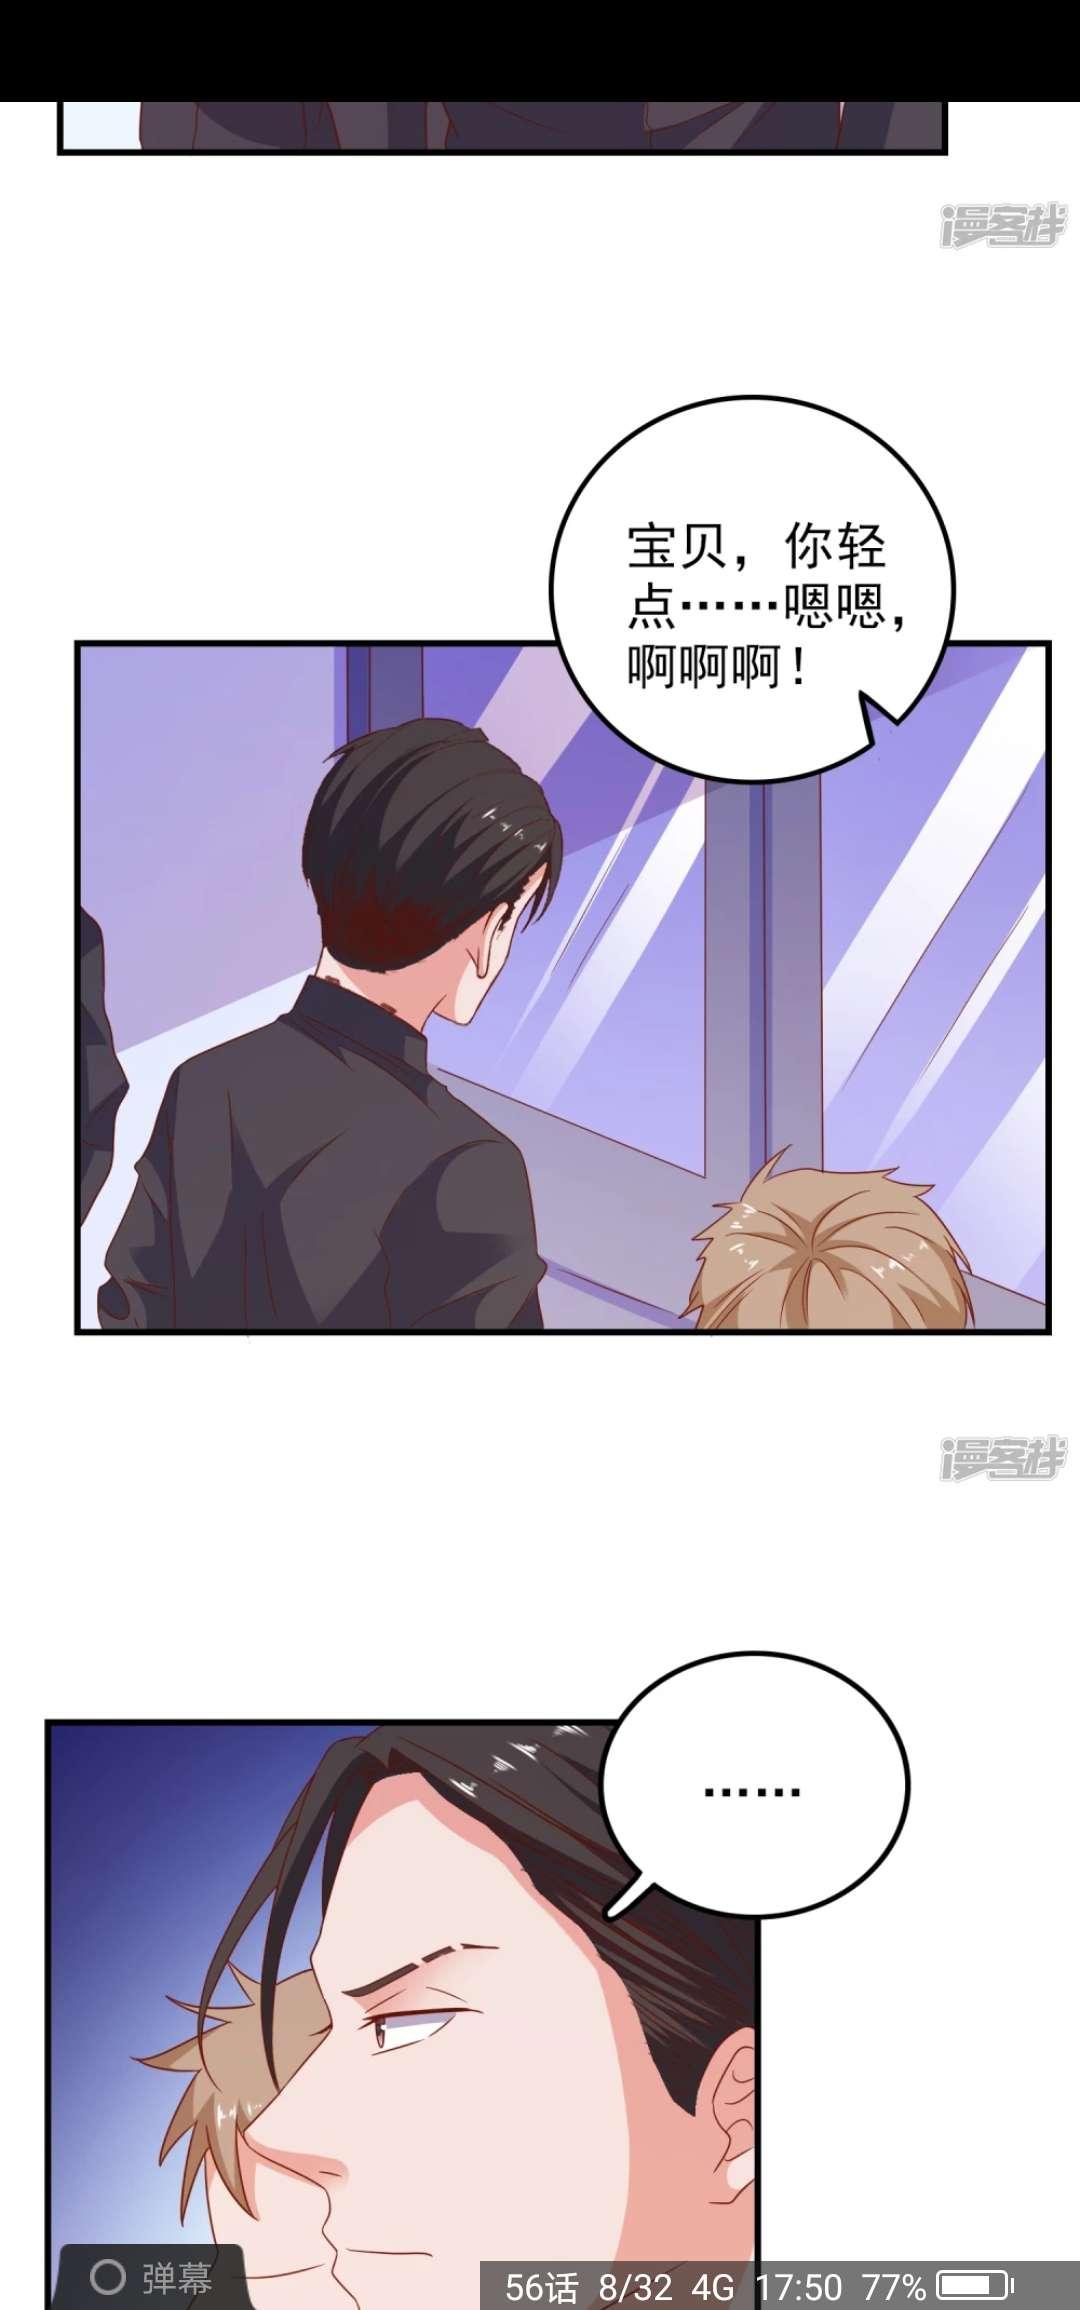 【漫画更新】爱神APP🌟【为了申精】是后宫?是恋爱?长期更新